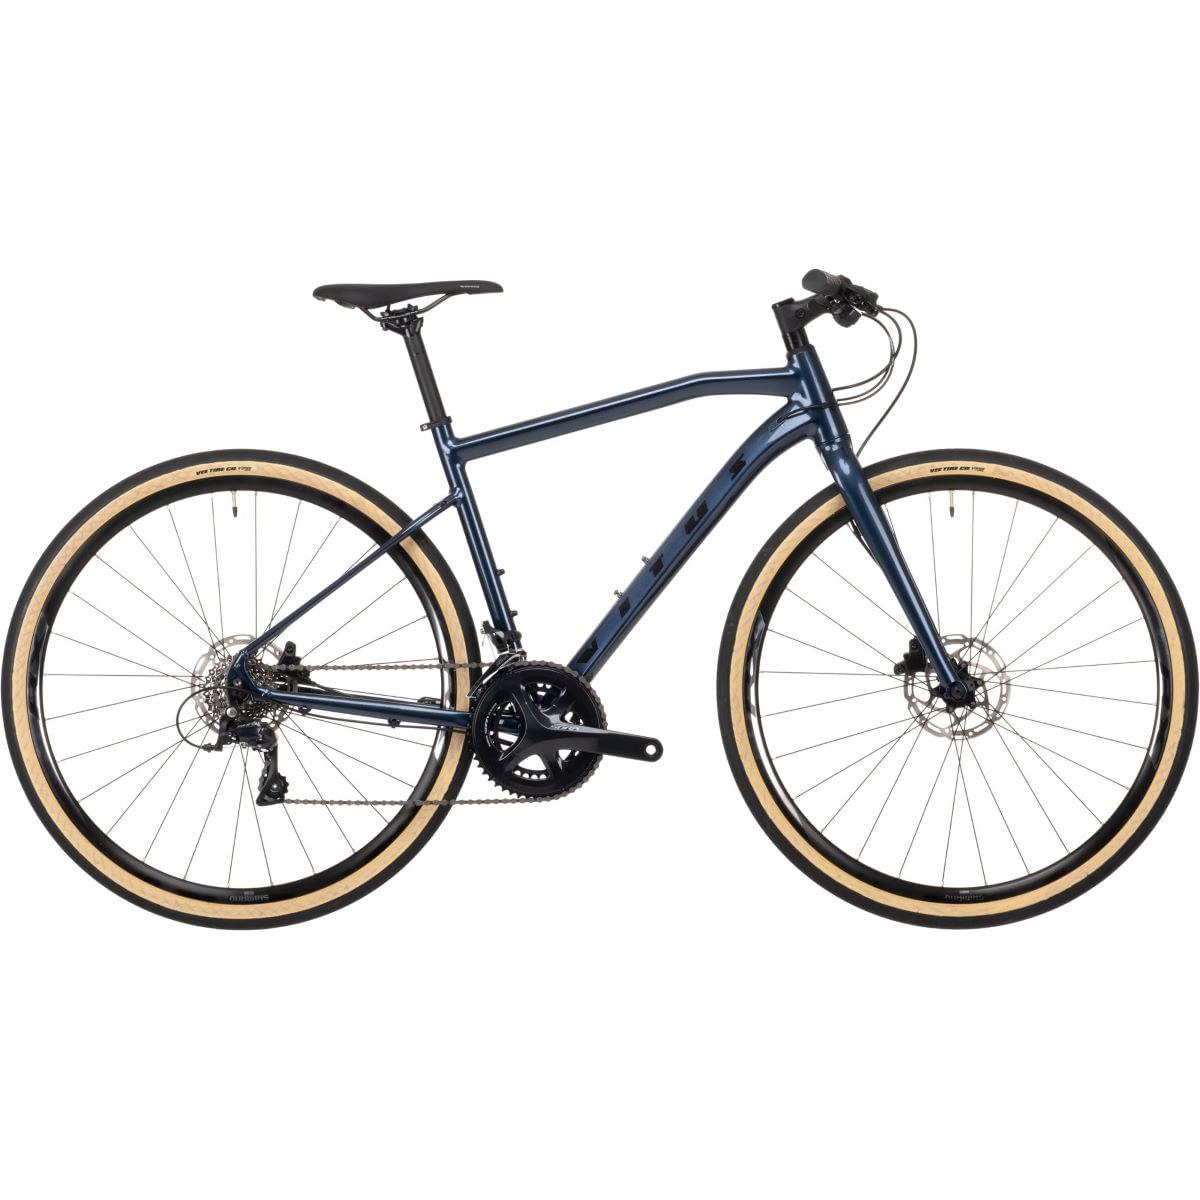 Vitus Mach 3 VRS Urban Bike (Sora - 2021) Hybrid Bikes